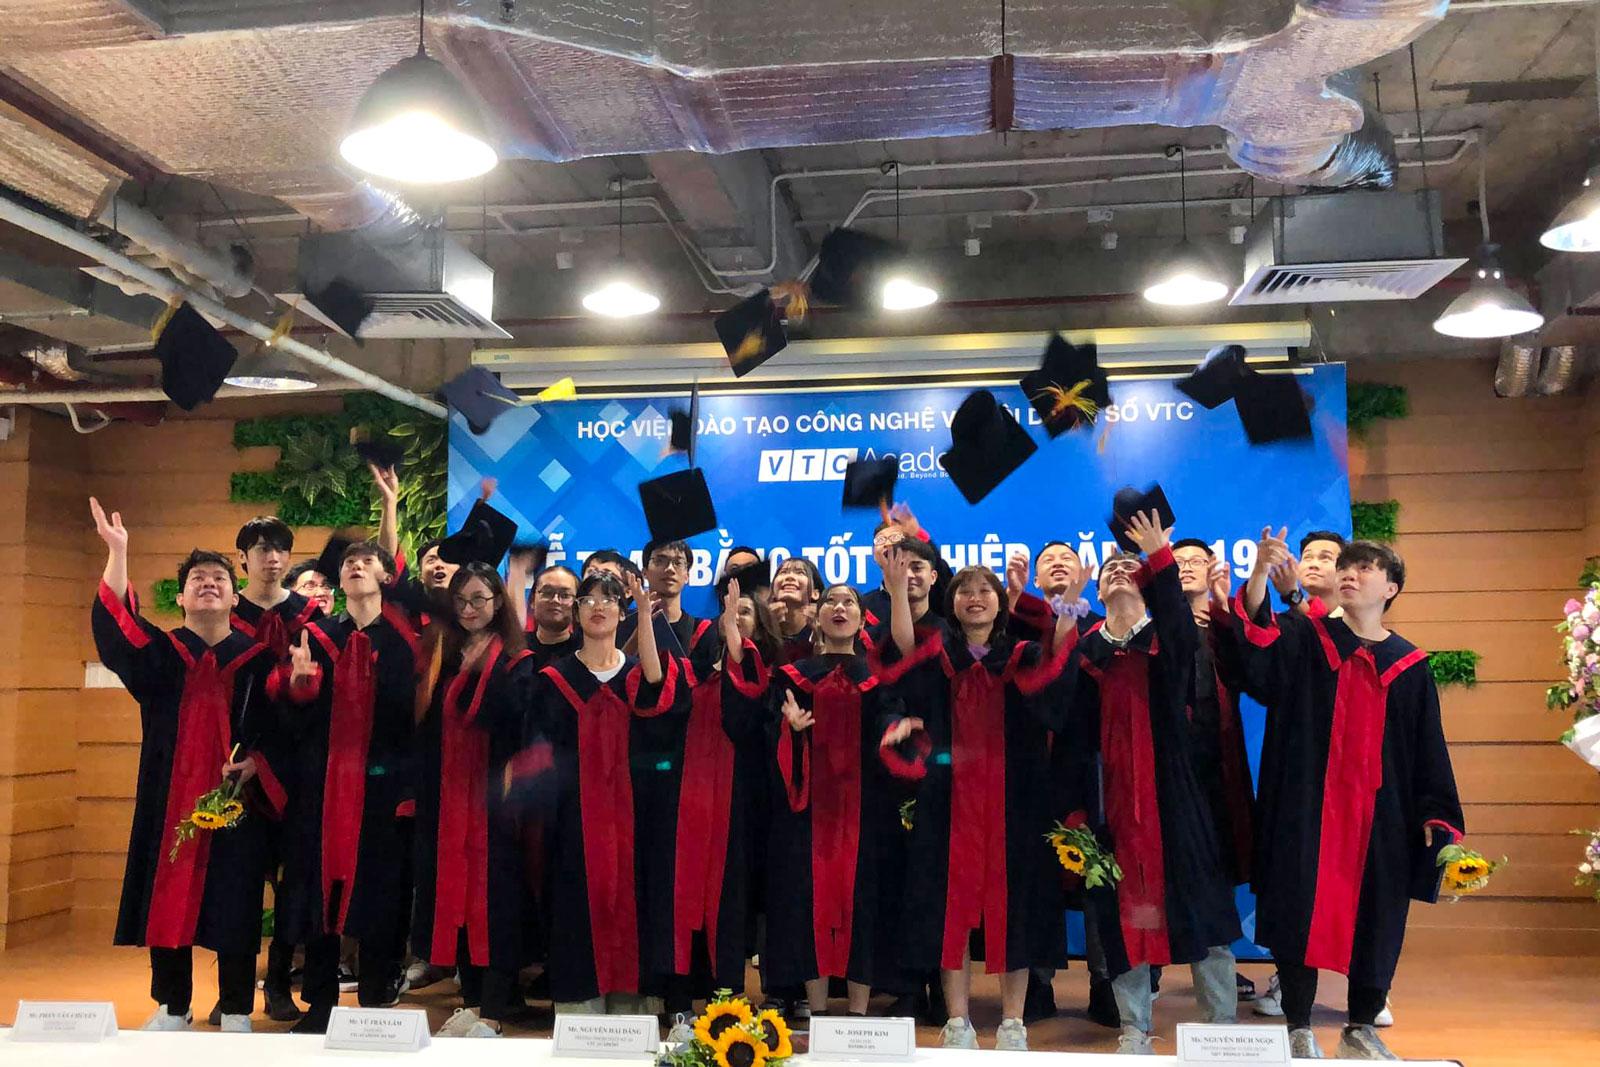 VTC Academy tổ chức lễ tốt nghiệp cho học viên tại Hà Nội